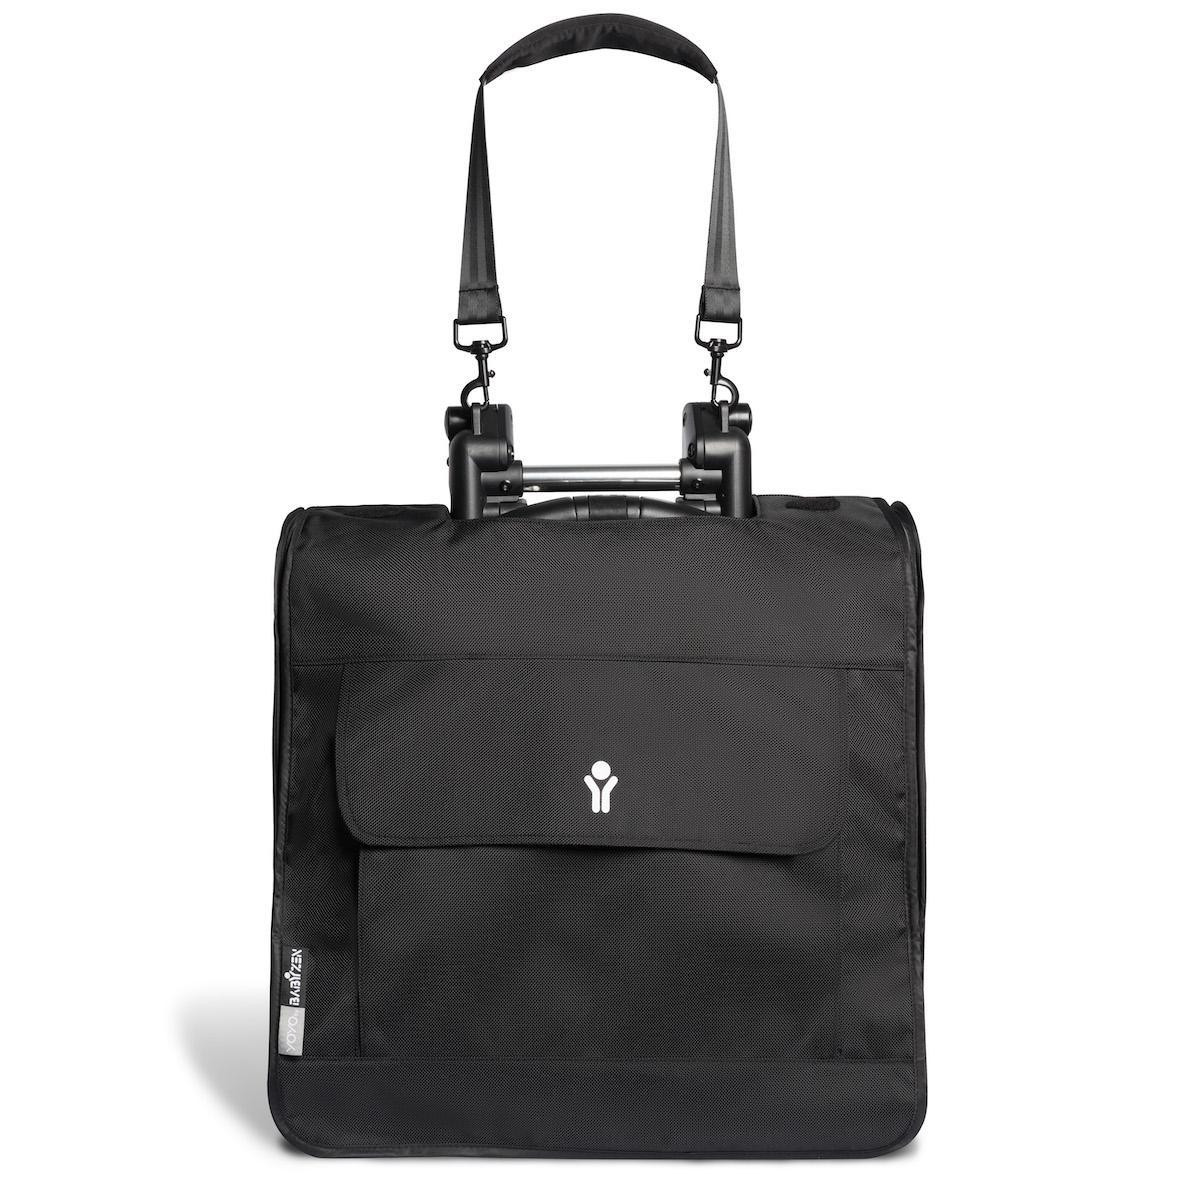 Travel bag YOYO Babyzen